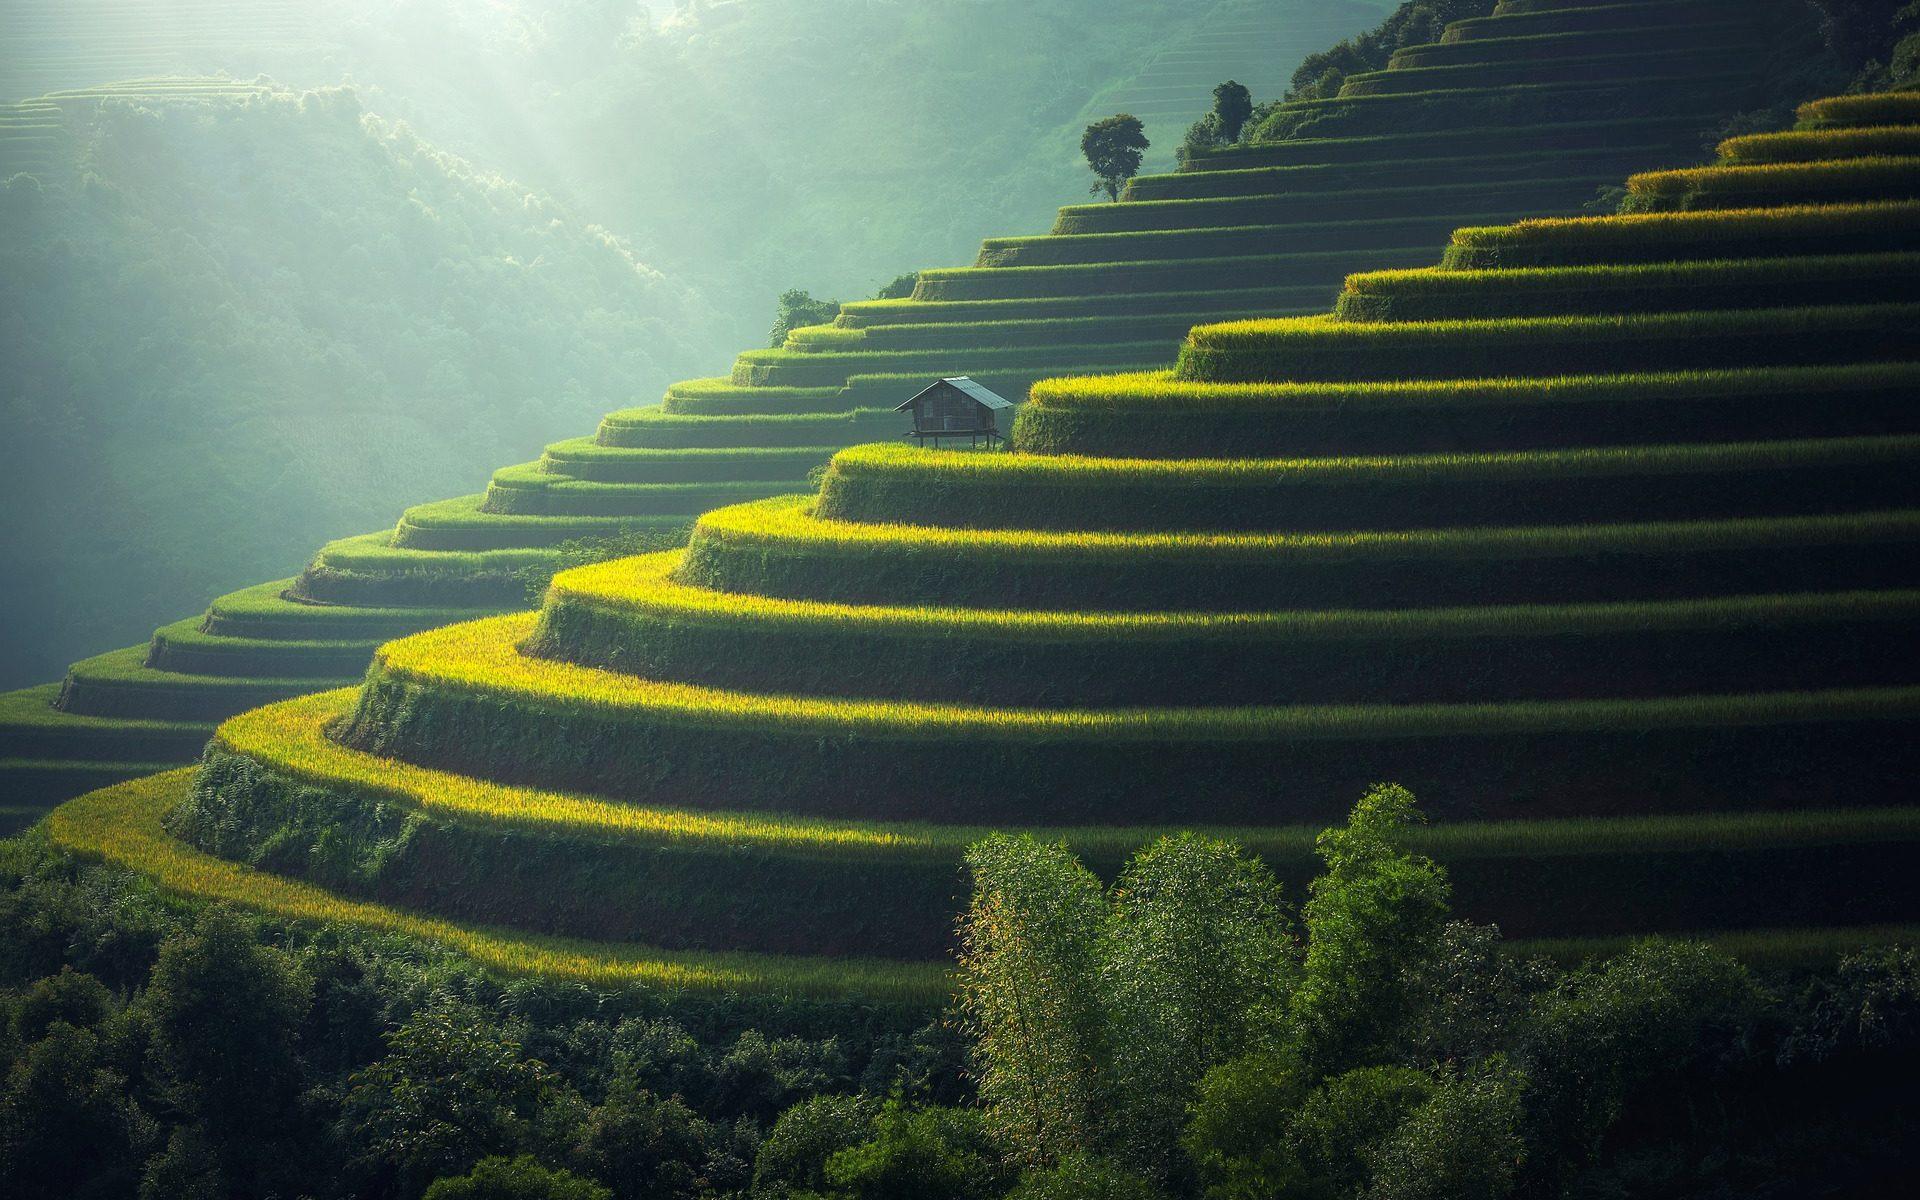 asia rice plantation 1920x1200 - Indonesien: Die Reisterrassen auf Bali